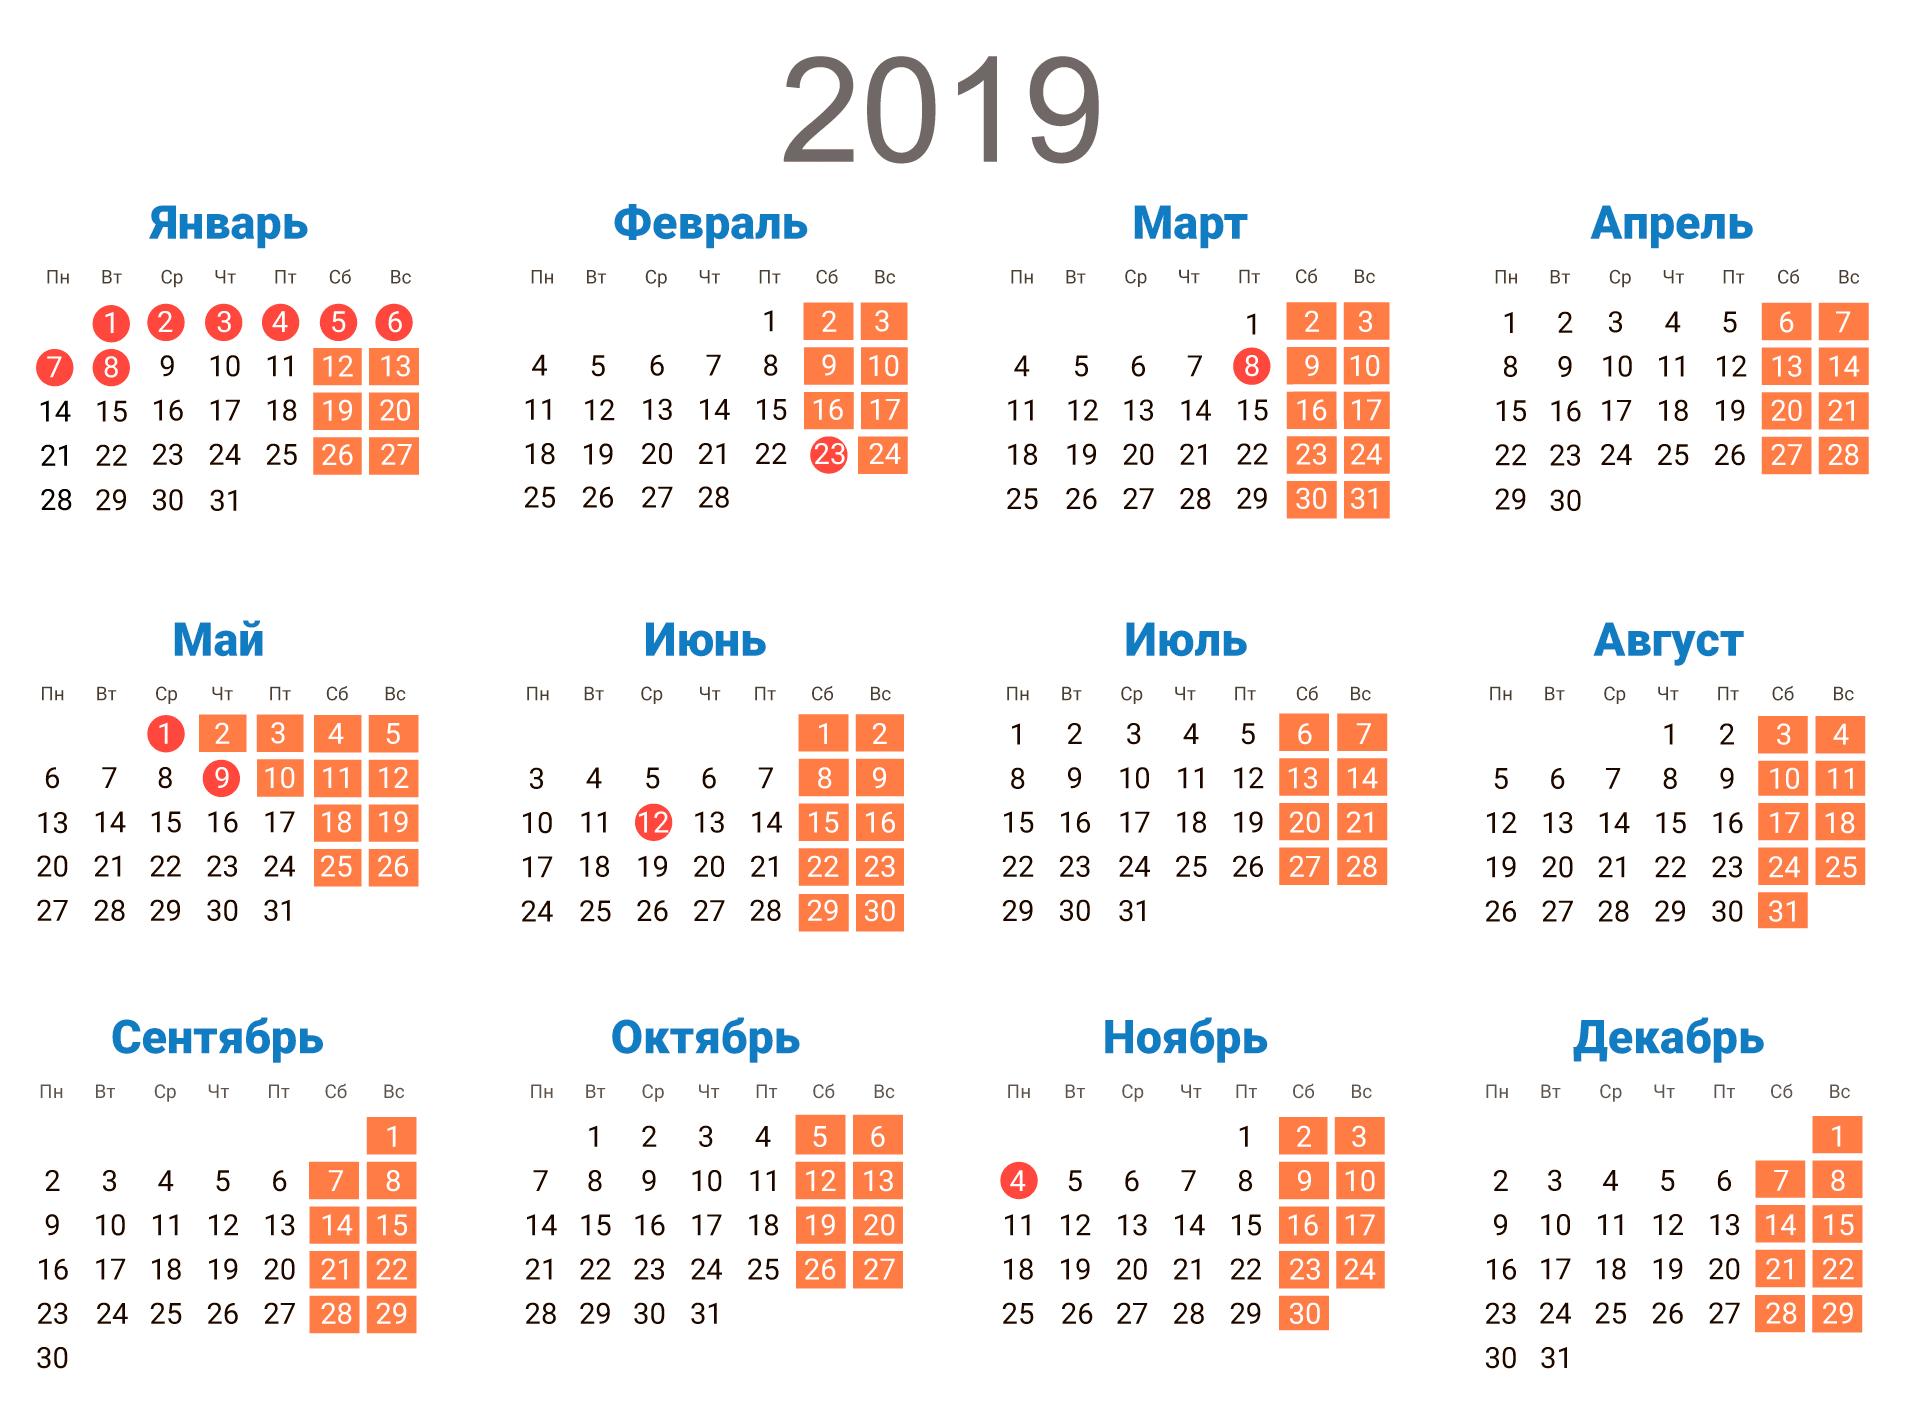 Красивые календари на 2019 год - отличная подборка 10